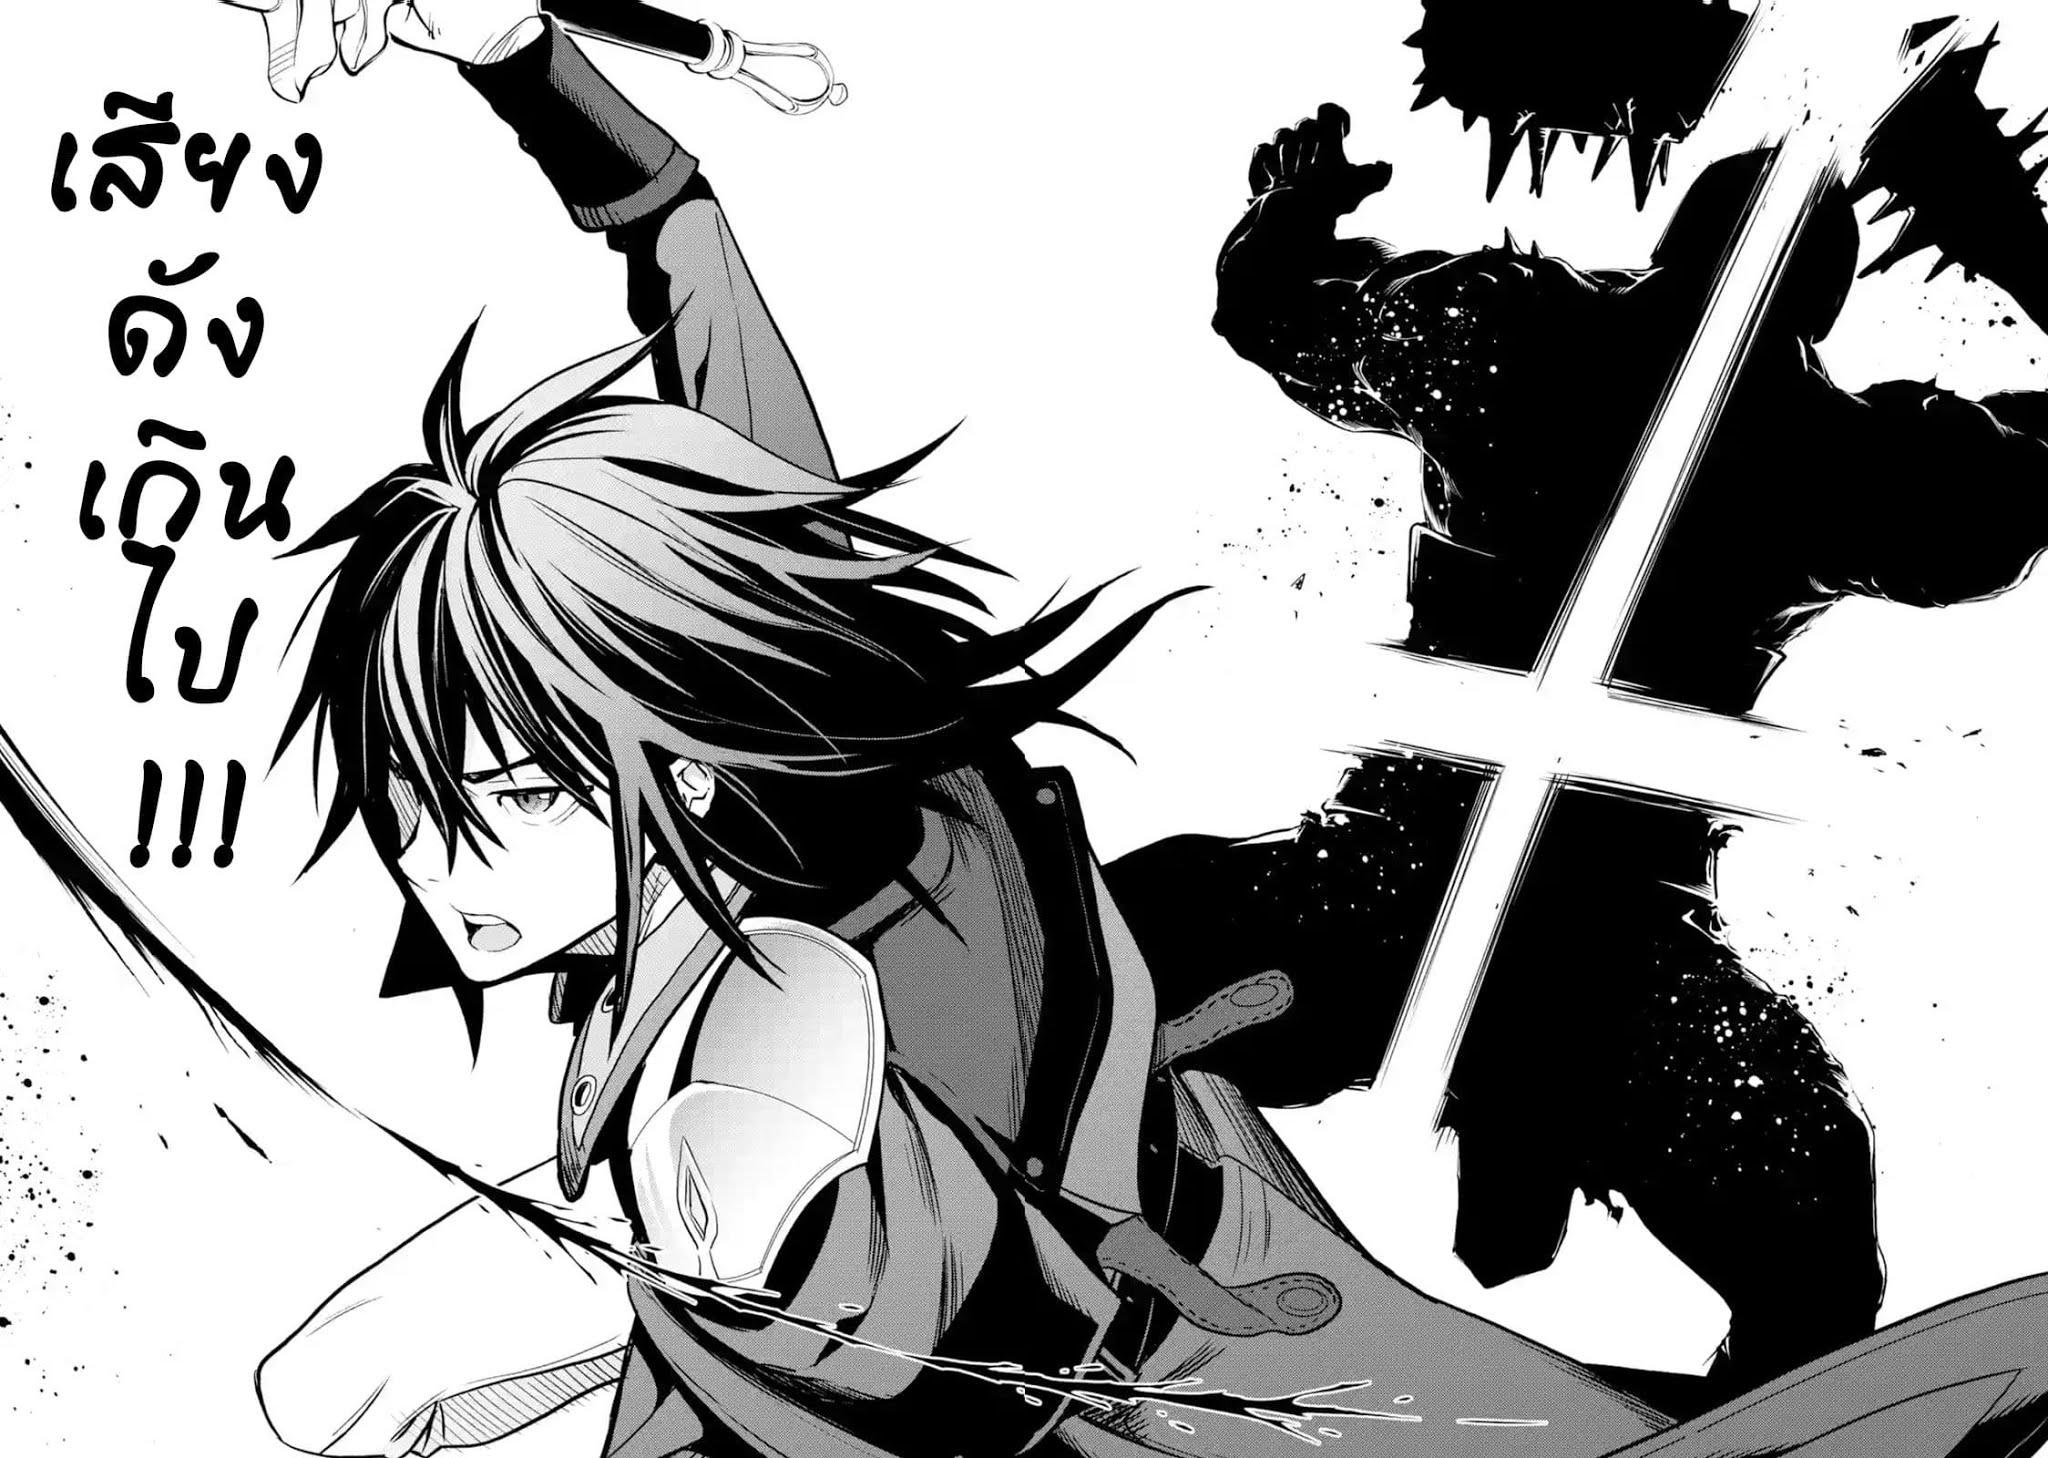 อ่านการ์ตูน Koko wa Ore ni Makasete Saki ni Ike to Itte kara 10 Nen ga Tattara Densetsu ni Natteita ตอนที่ 2 หน้าที่ 51